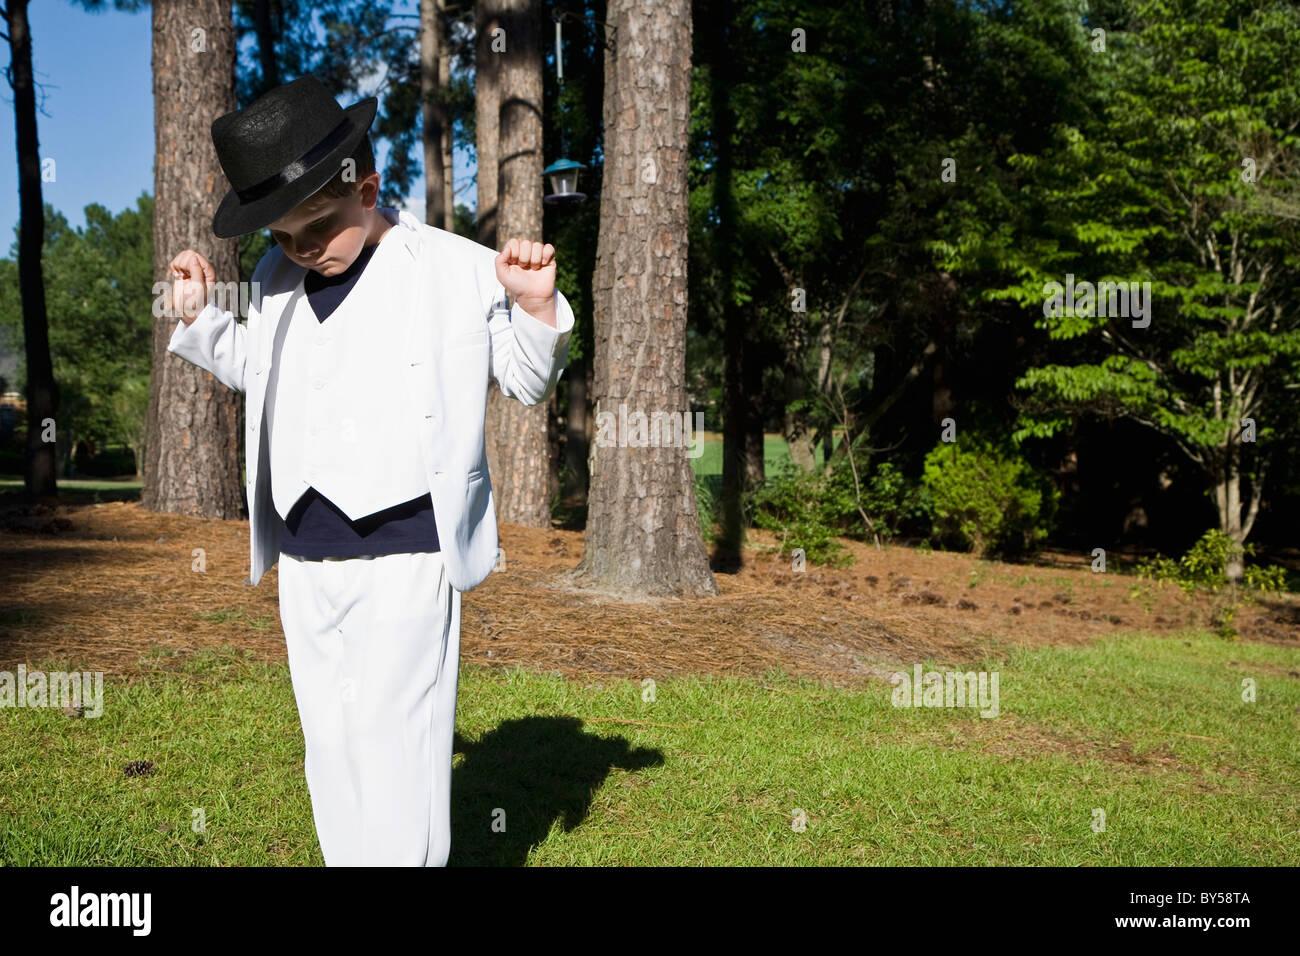 e99e62ffc17d5d Un jeune garçon dans un costume blanc danser comme Michael Jackson, à  l extérieur